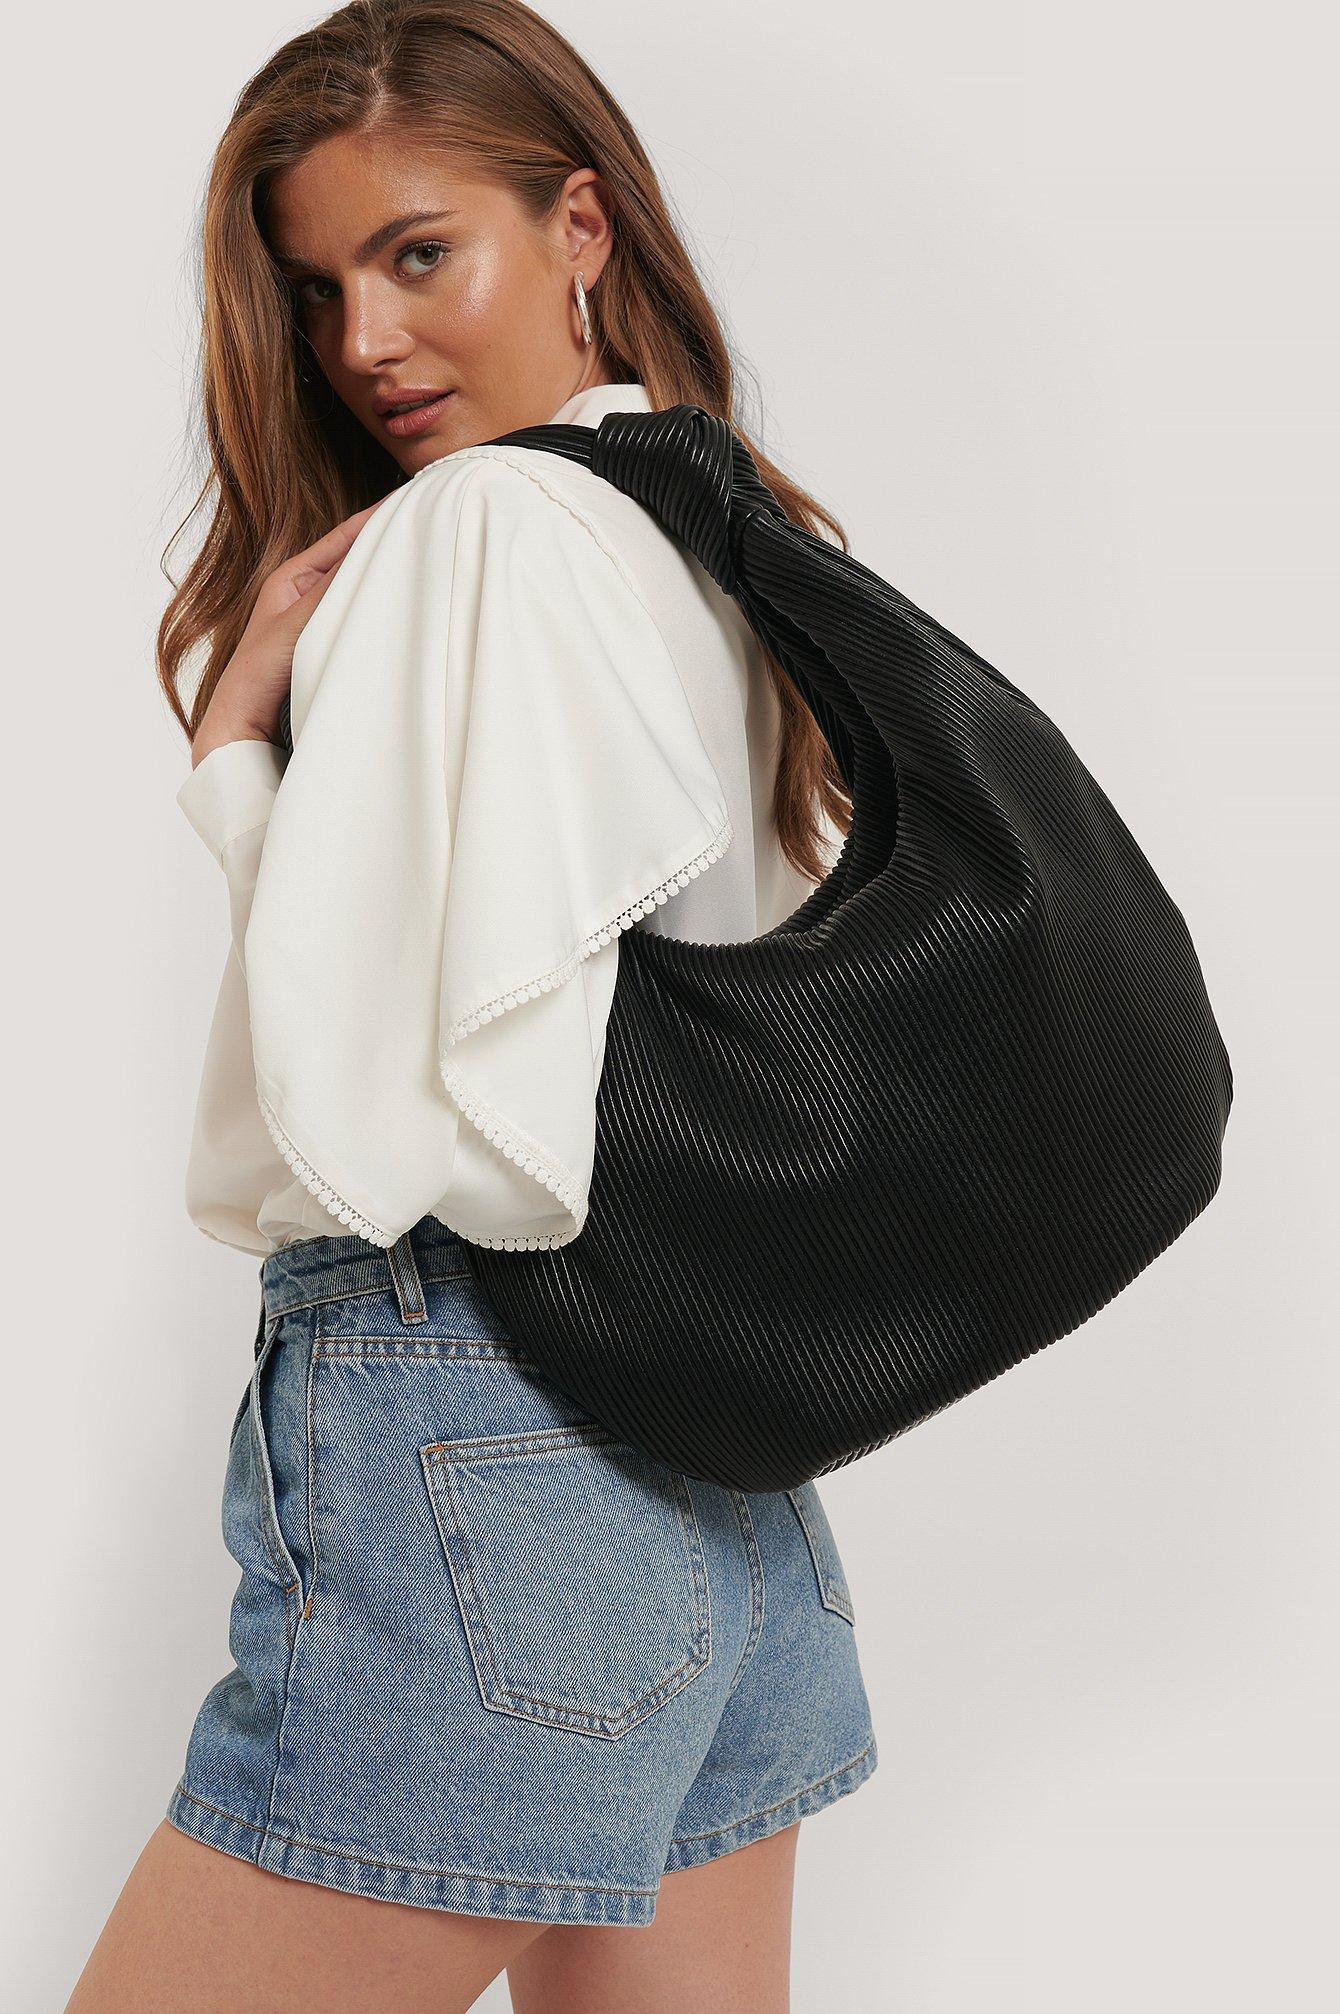 NA-KD Accessories Tasche - Black | Taschen > Handtaschen > Sonstige Handtaschen | NA-KD Accessories